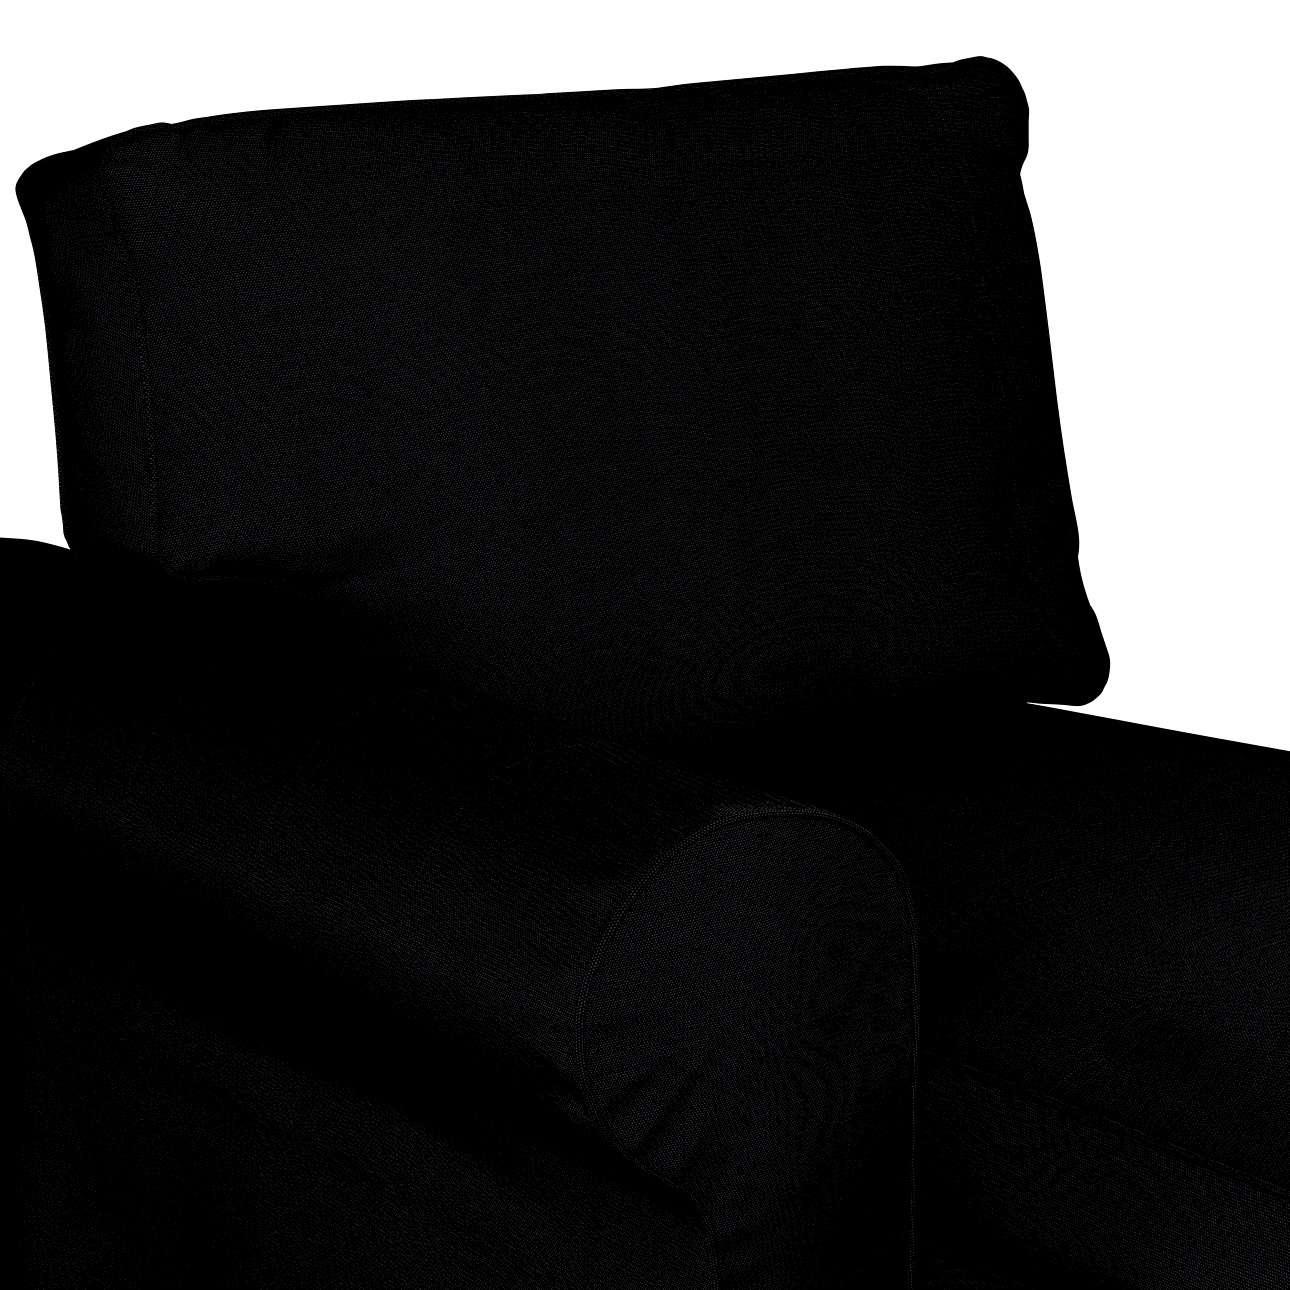 Pokrowiec na szezlong Ektorp lewy w kolekcji Etna, tkanina: 705-00